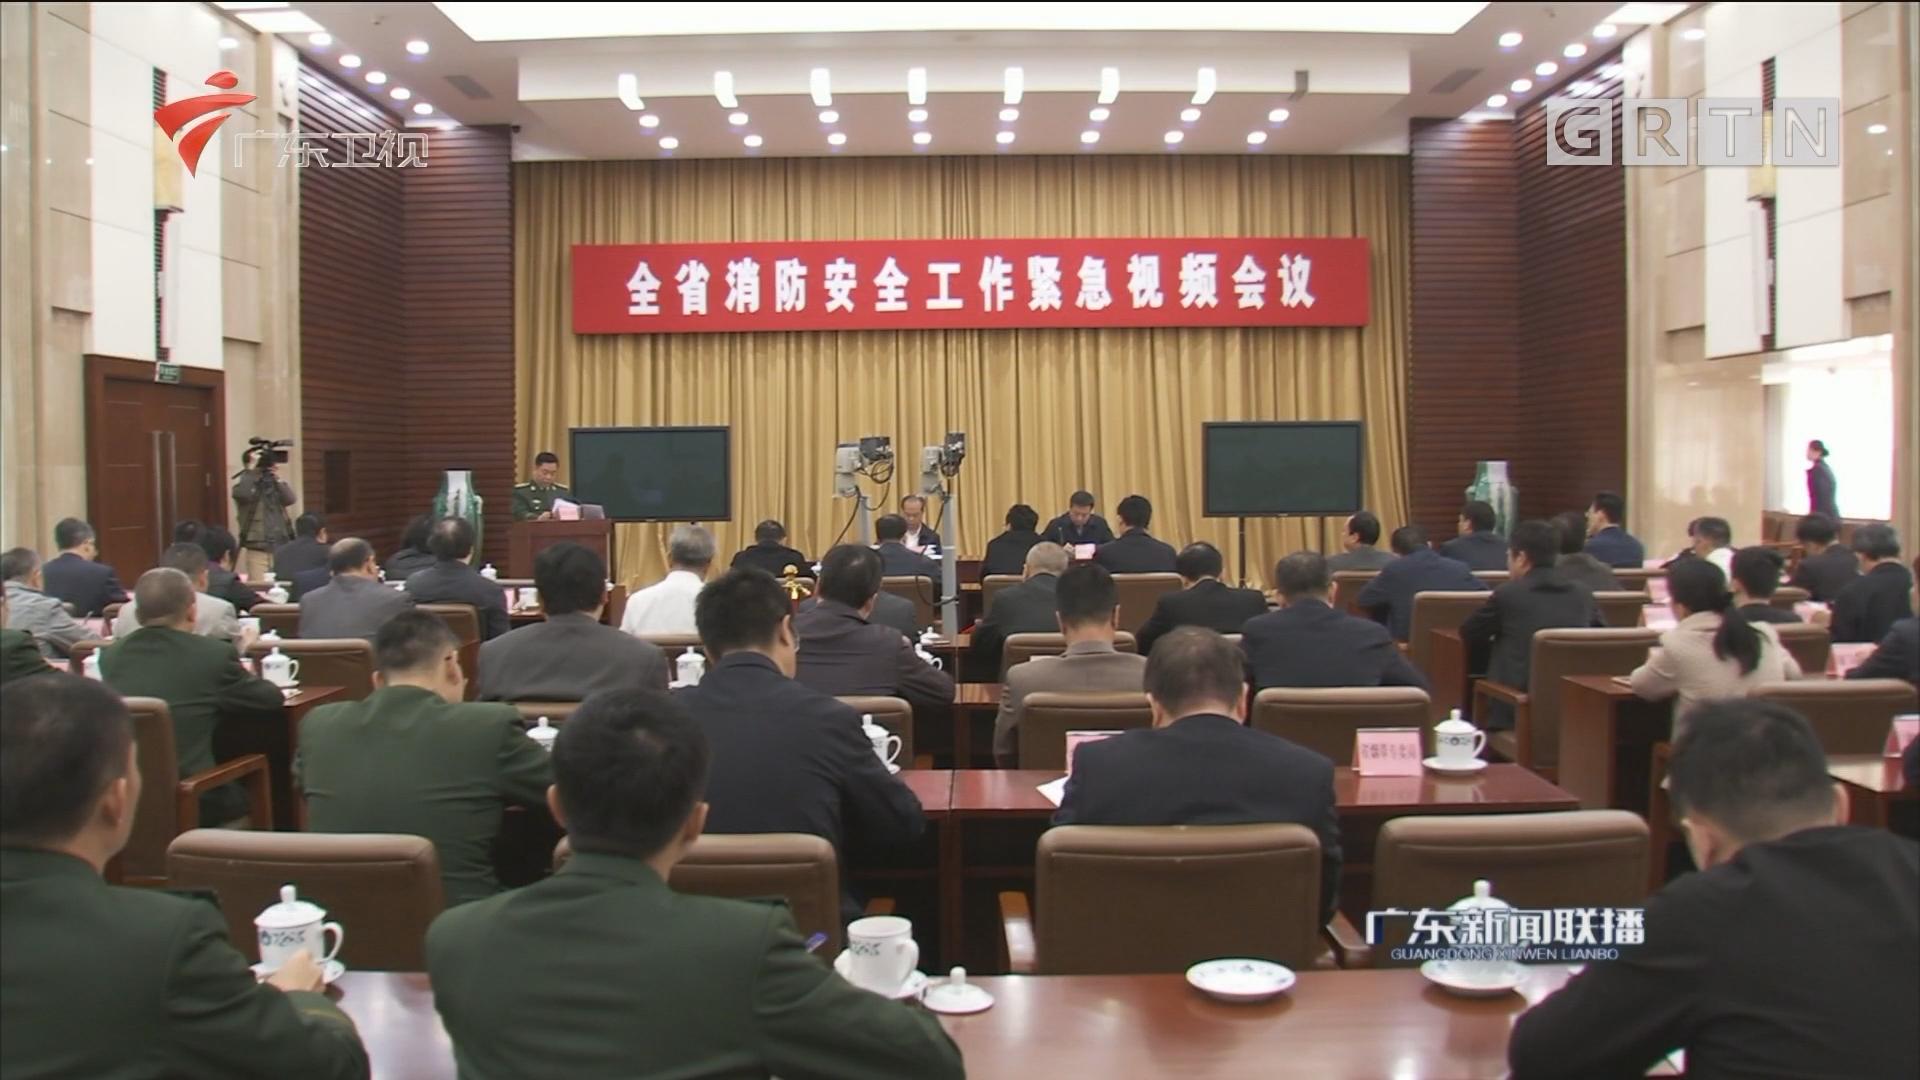 广东:全面维护冬春期间安全生产和消防安全形势稳定